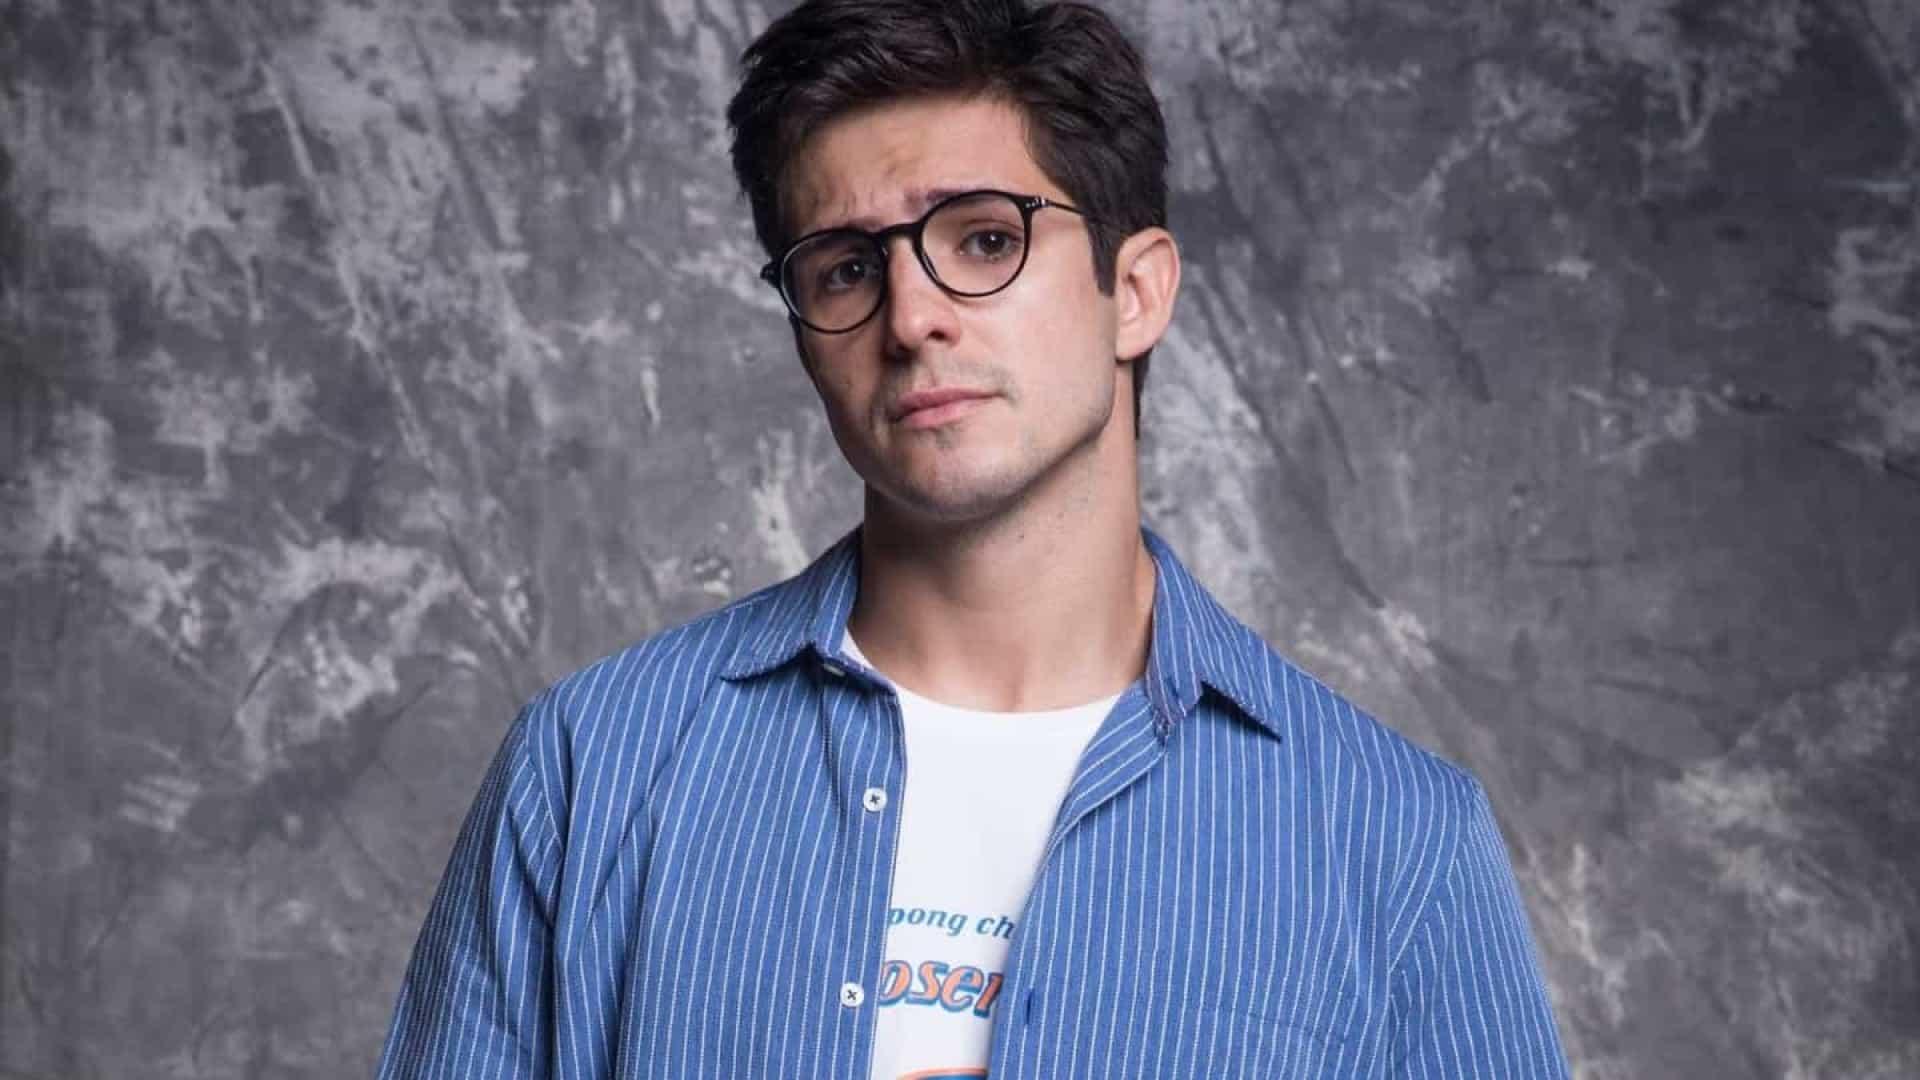 naom 5ef9cfc682875 - Igor Cosso sobre homofobia na TV: 'Falaram que não seria bom ator gay se assumir'